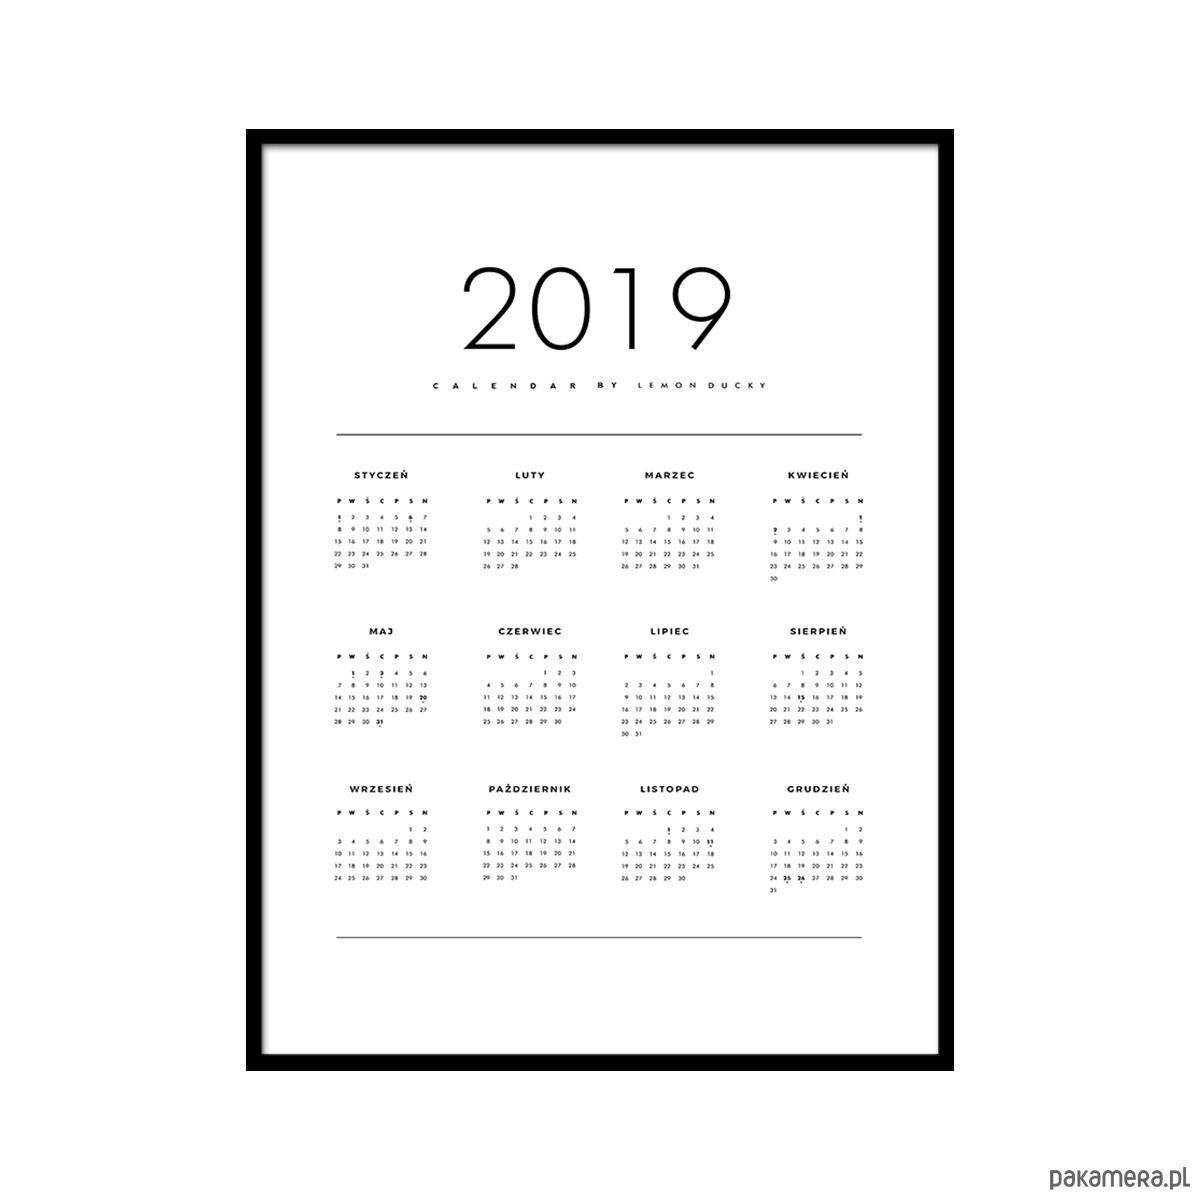 Plakat Kalendarz 2019 Plakaty Pakamerapl